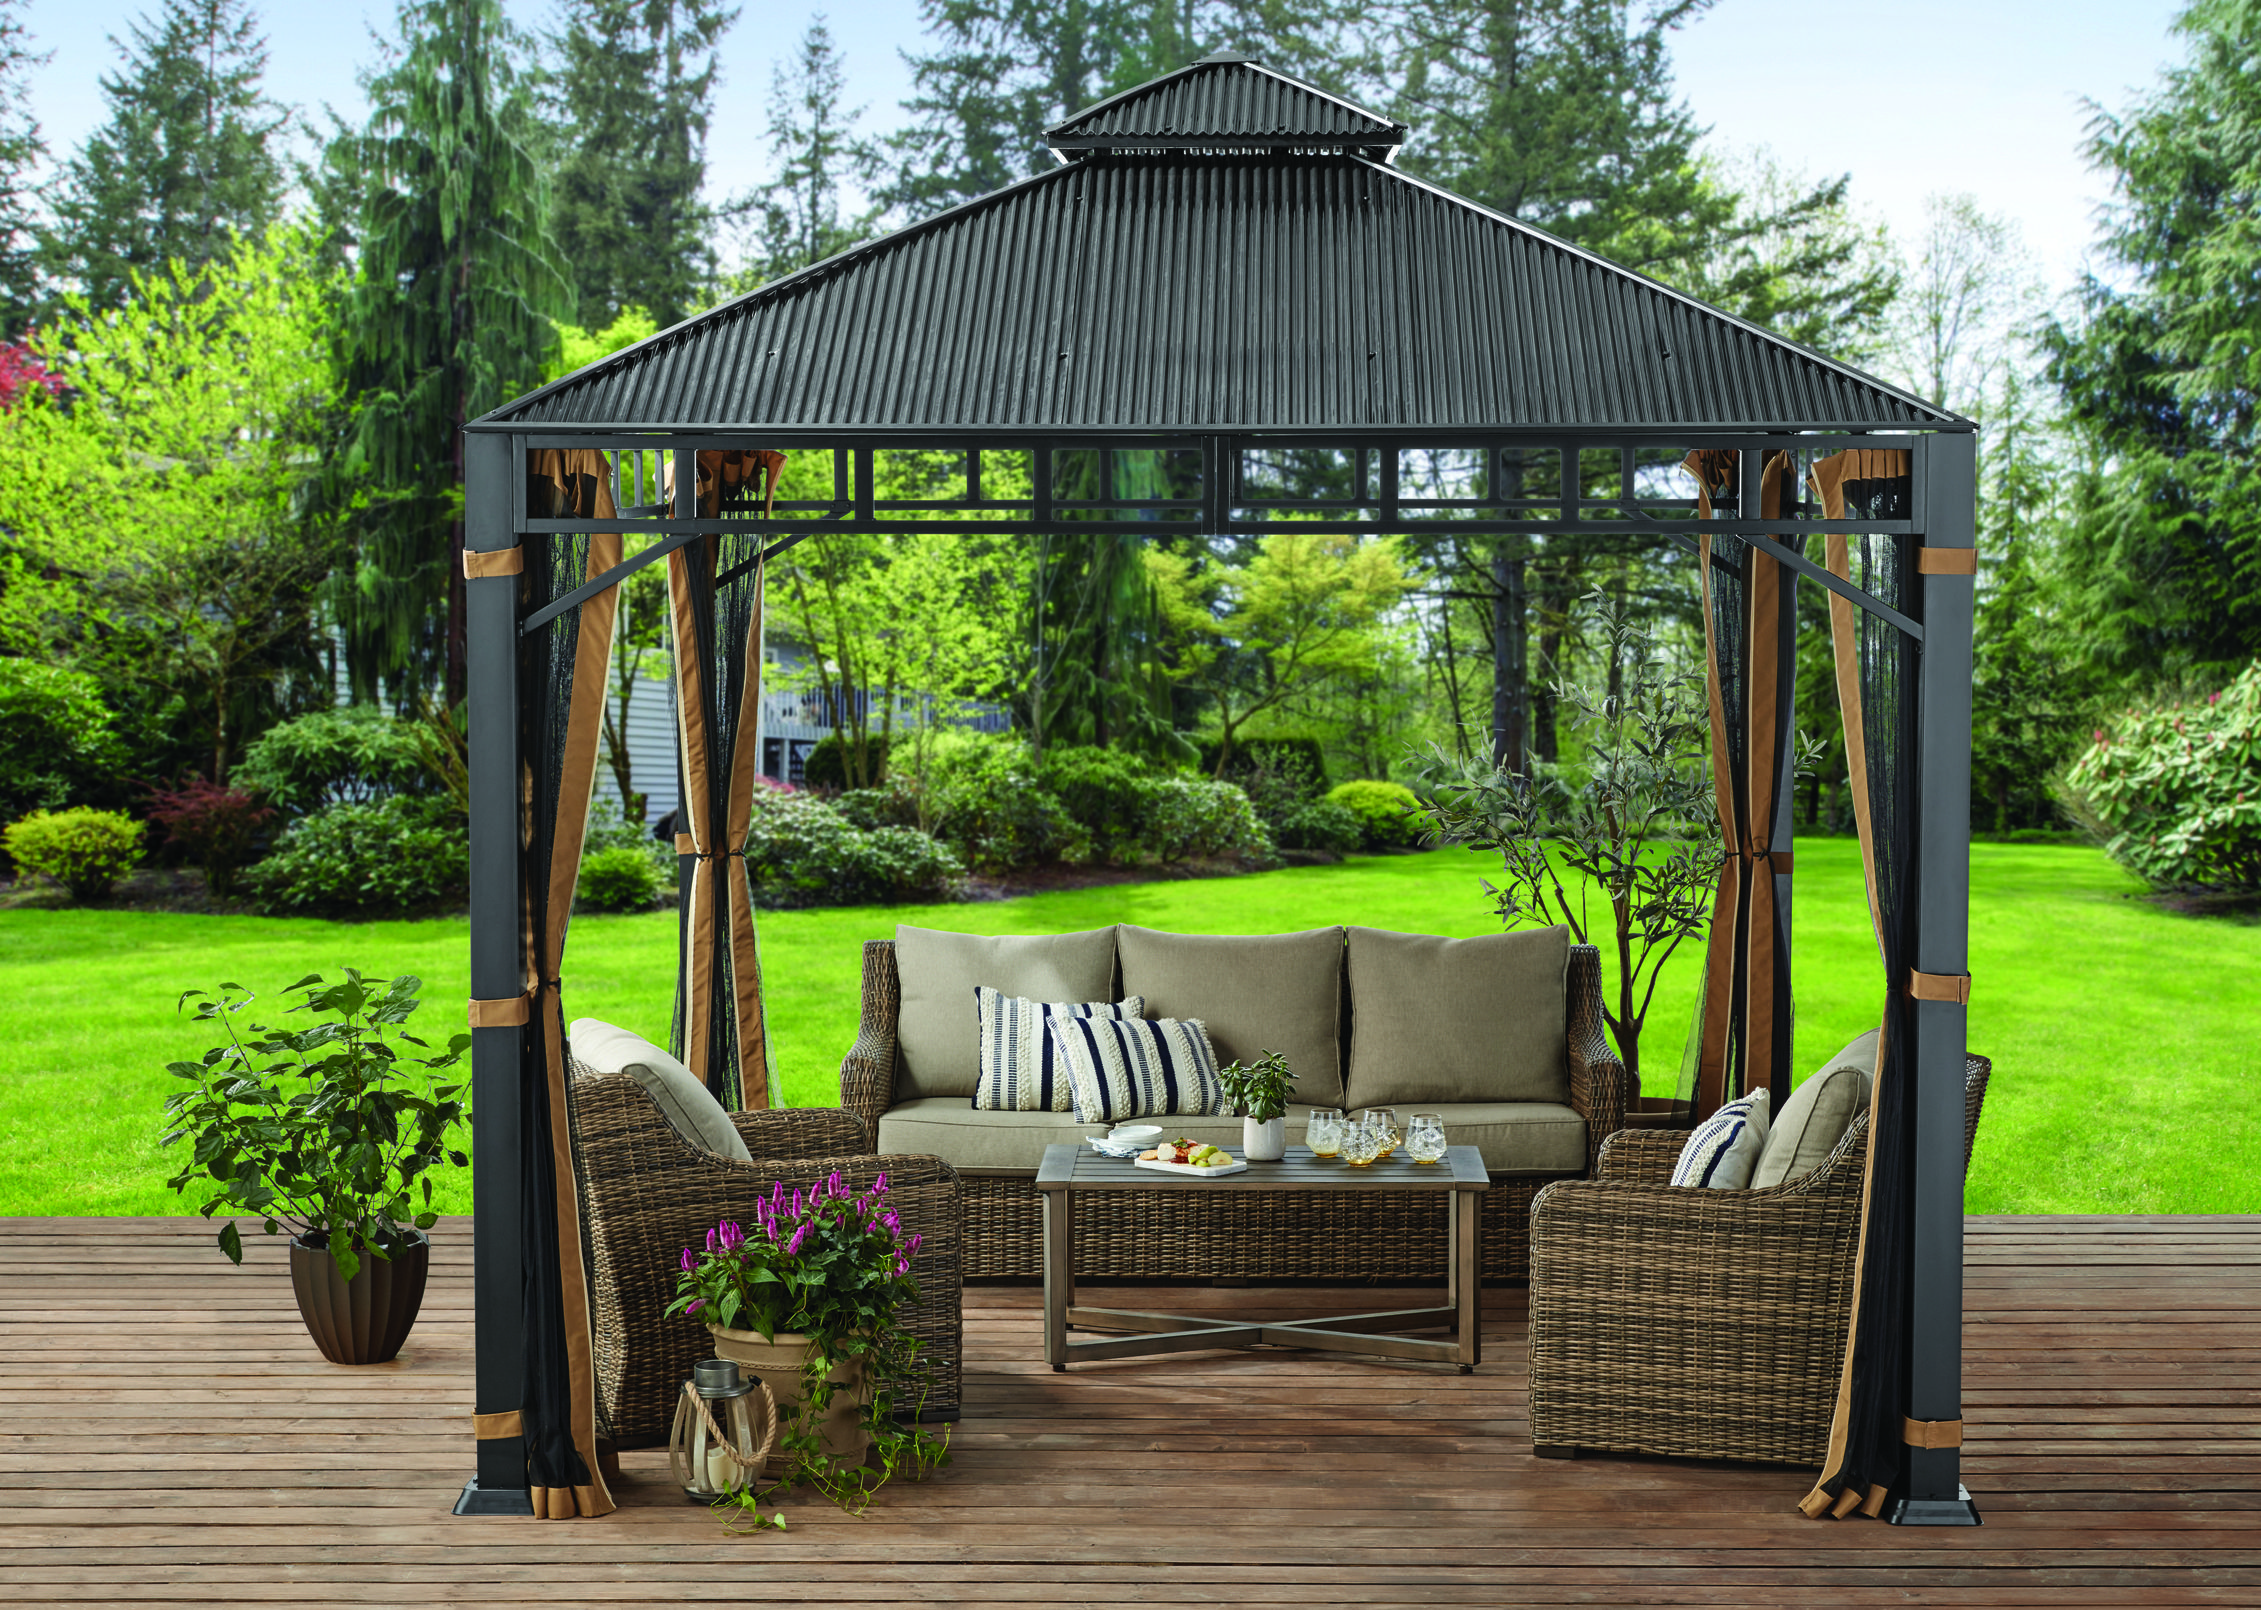 45508b90ca7ac75c6d42fb37e7eb464d - Better Homes And Gardens Sullivan Ridge Hard Top Gazebo